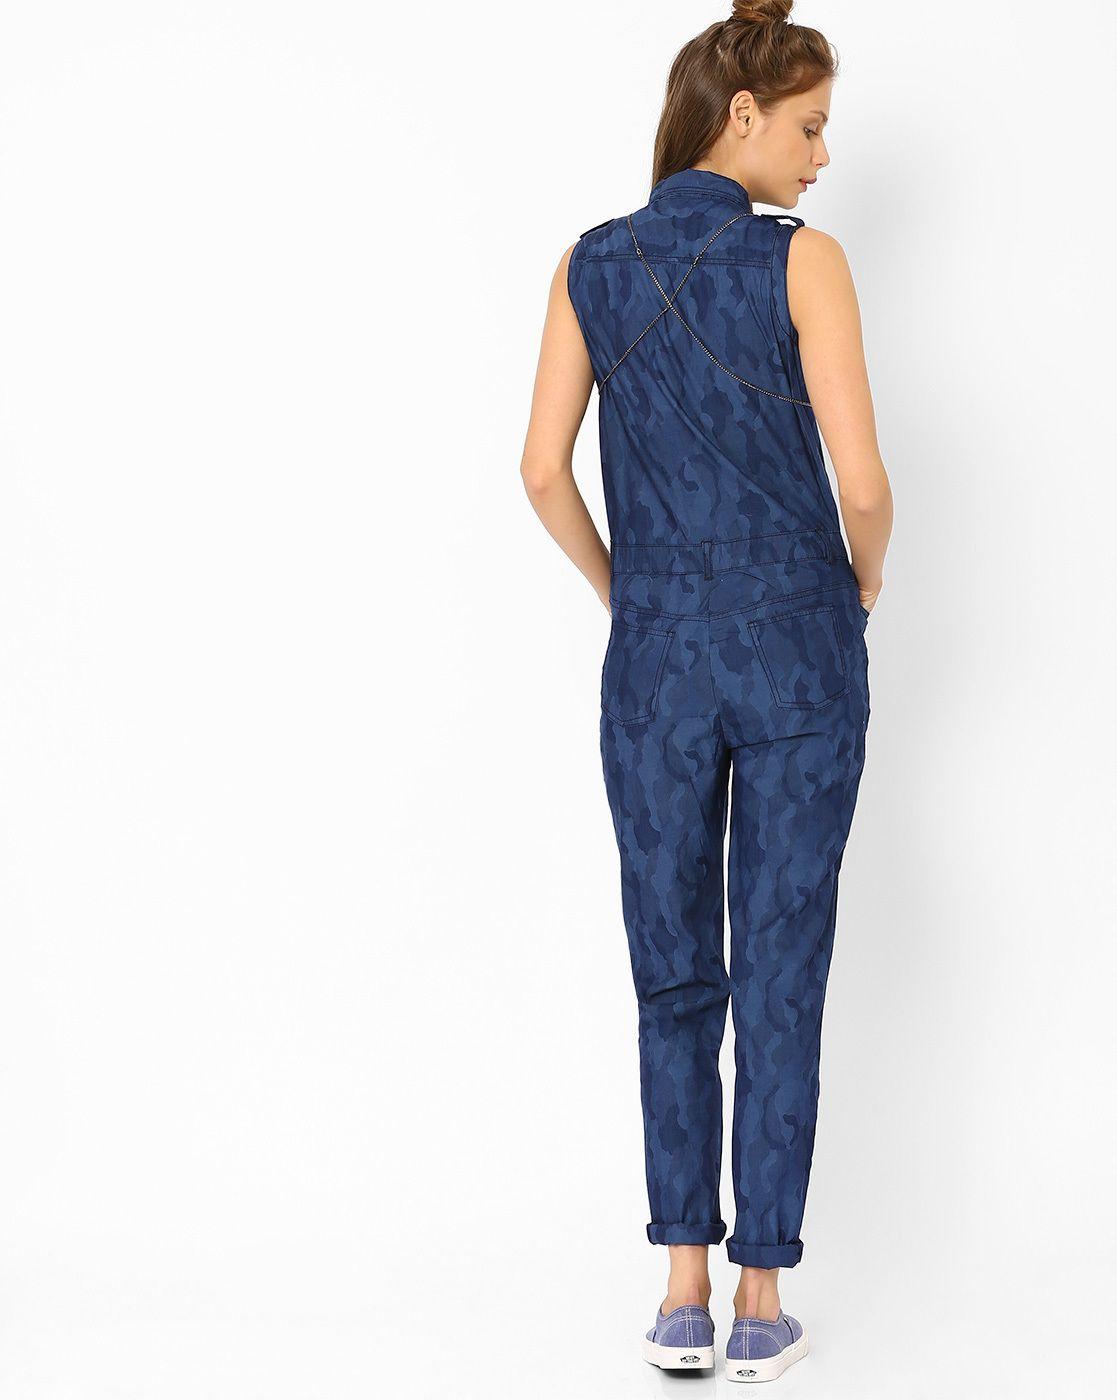 d7306538c67d Denim Jumpsuit with Camouflage Print